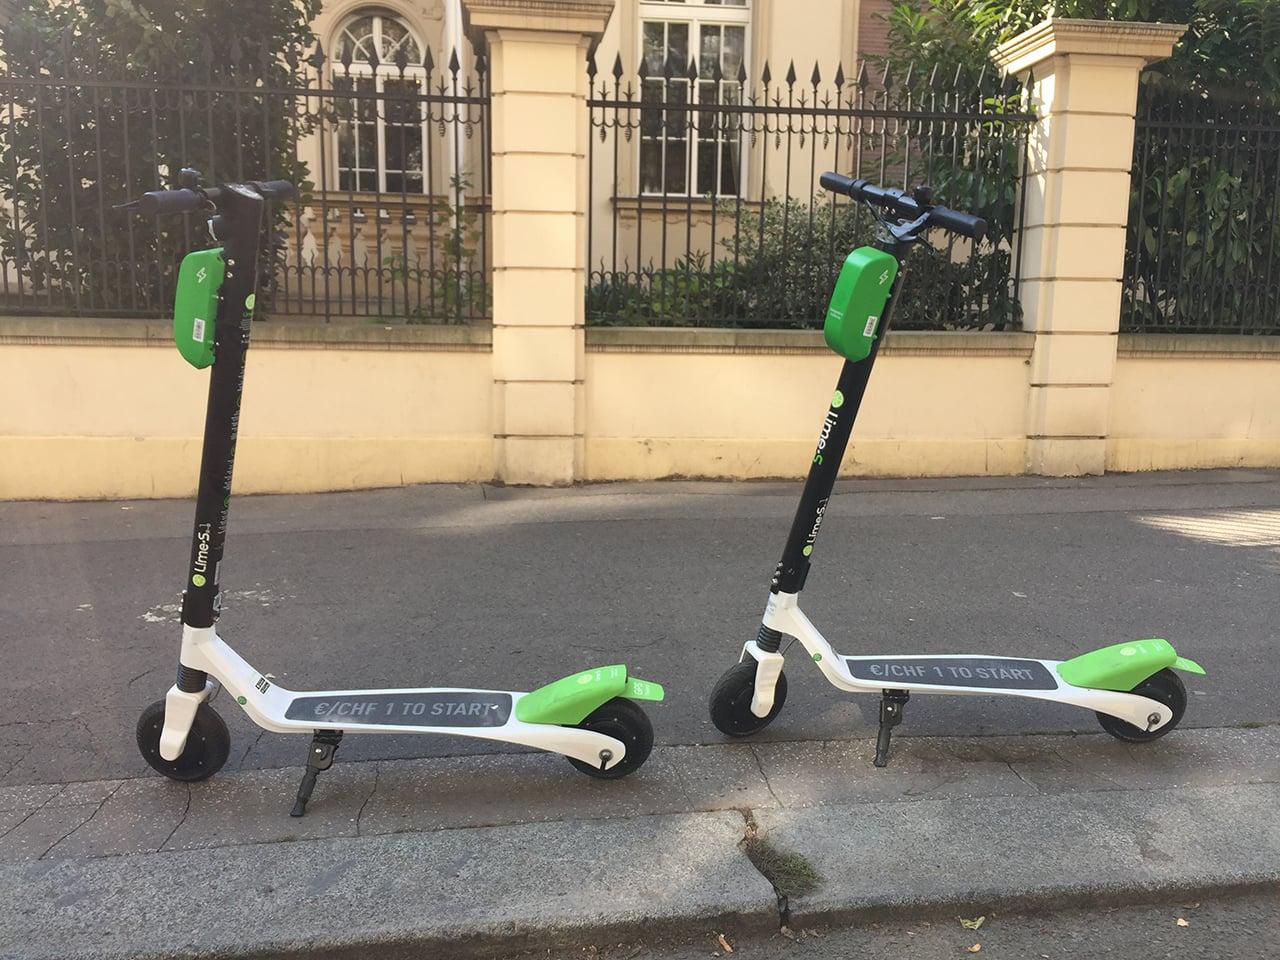 Jak fungují sdílené elektrické koloběžky Lime v Praze